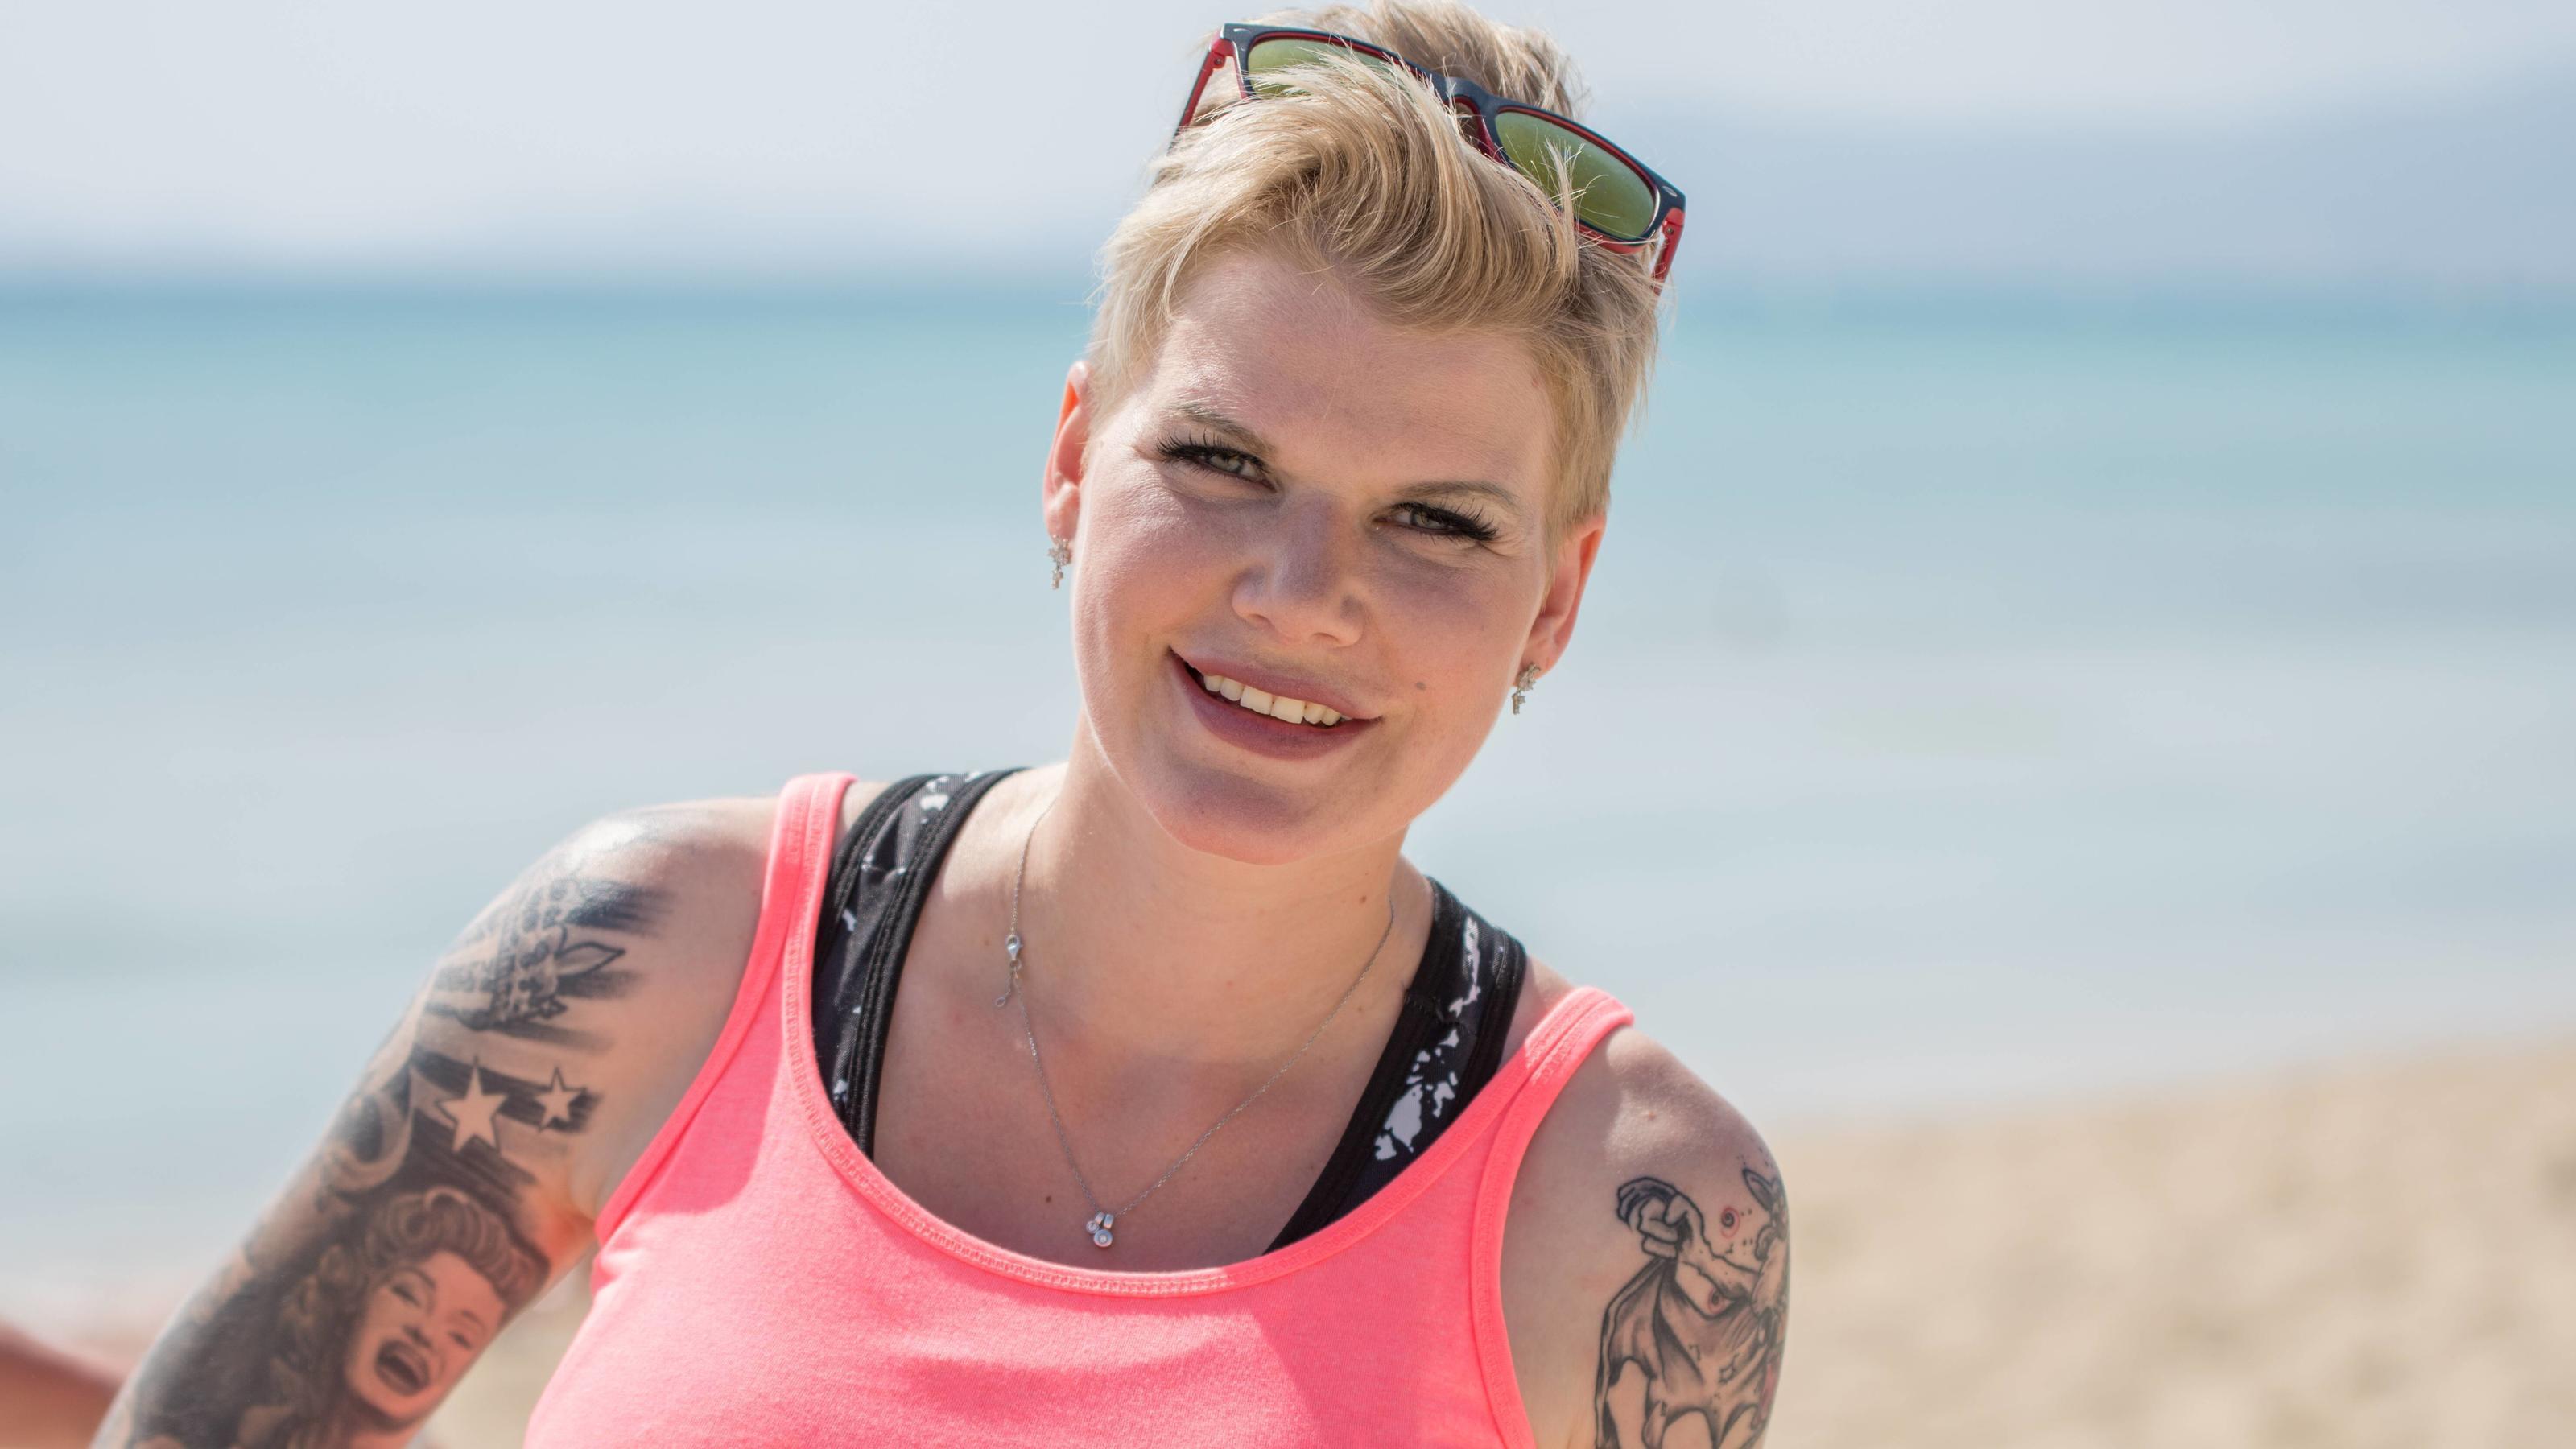 Melanie Müller erntet Shitstorm für Picknick-Foto - RTL Online